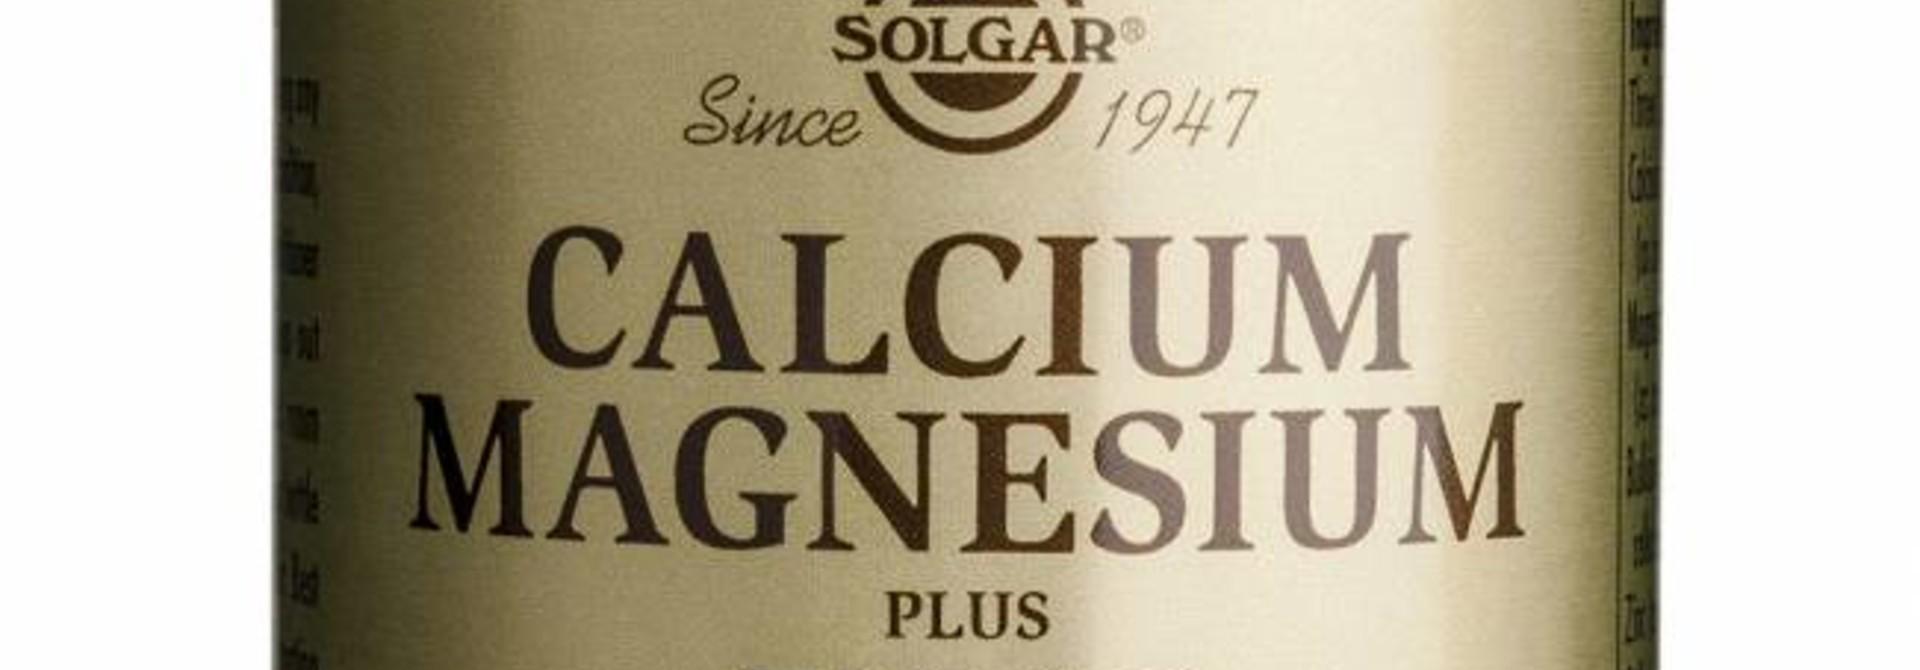 Calcium Magnesium plus Zinc 100 tabletten